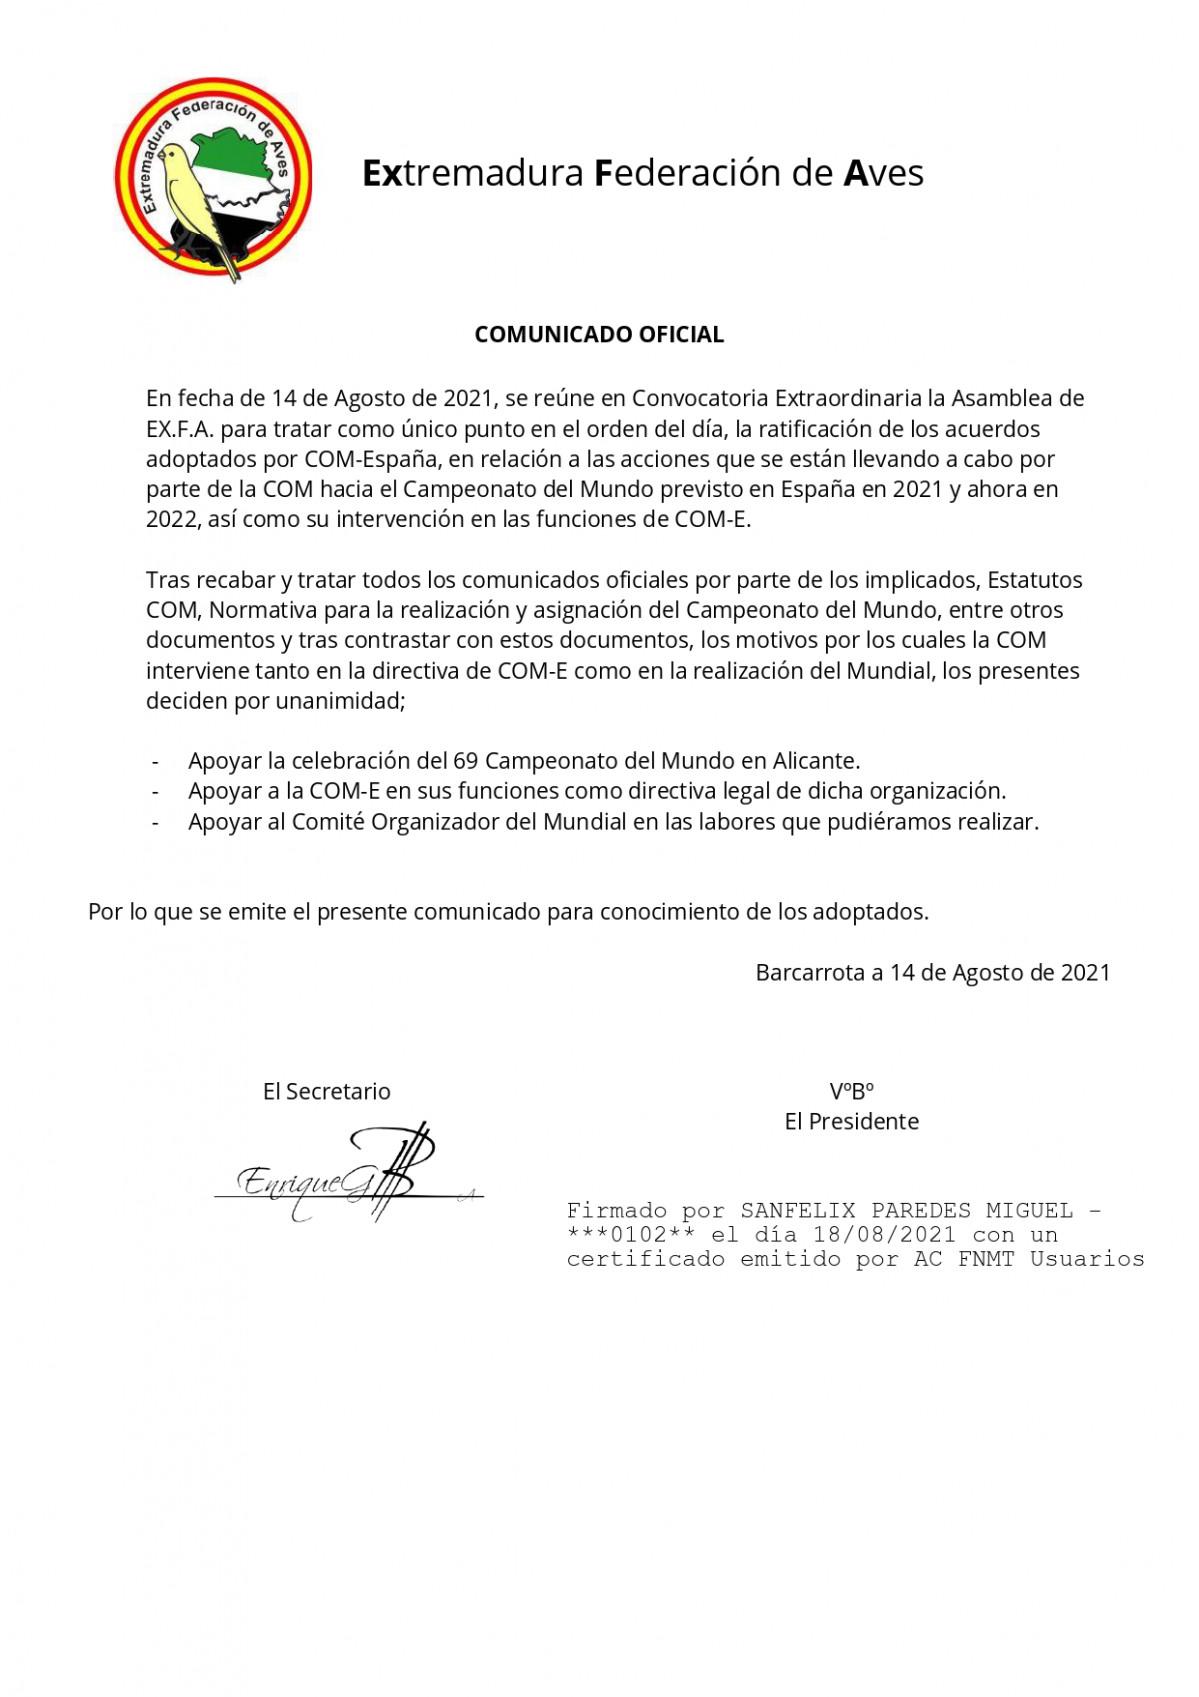 COMUNICADO OFICIAL signed page 0001